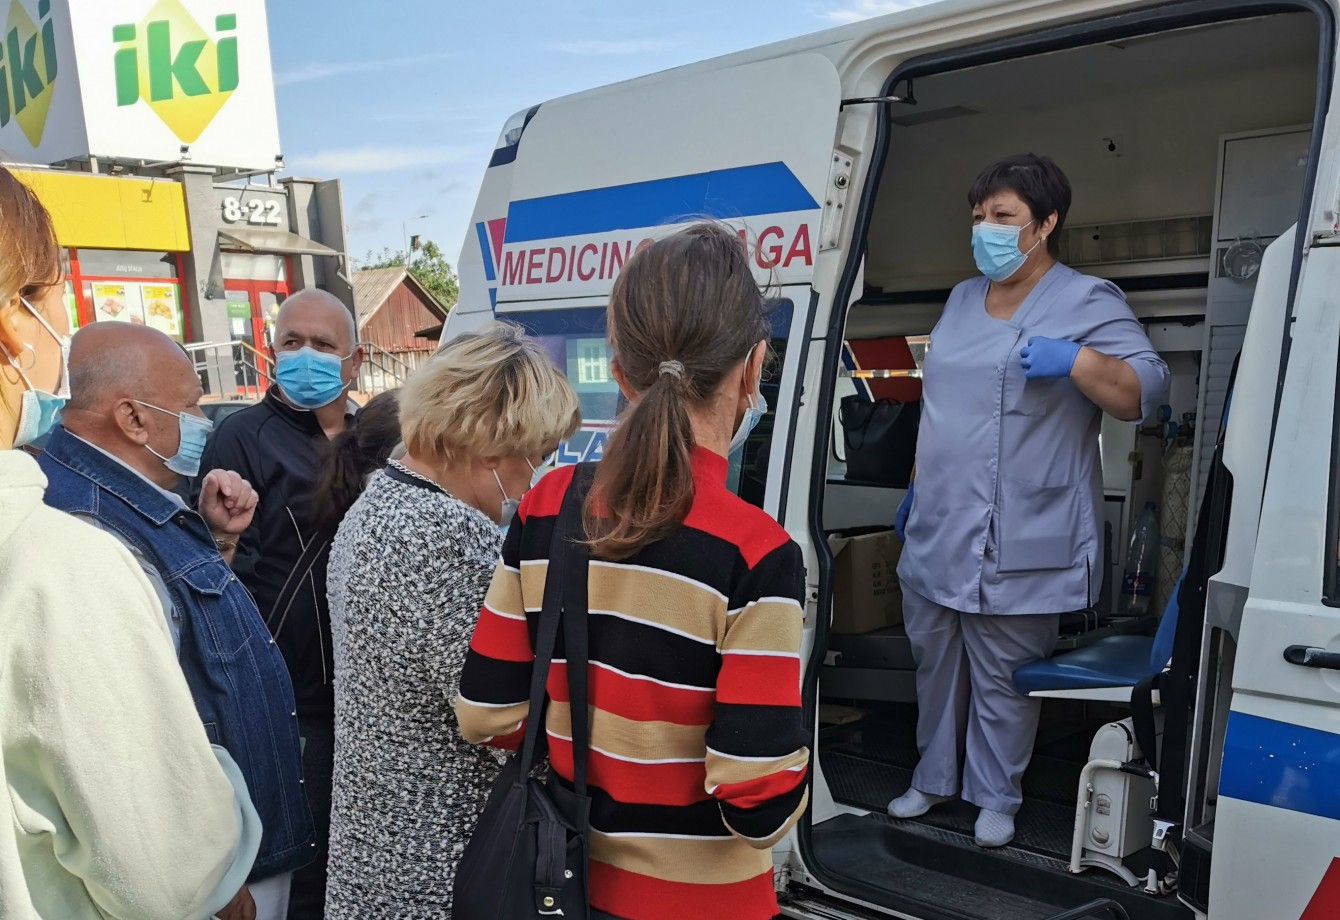 """2021 m. rugpjūčio 18 d. VšĮ Varėnos pirminės sveikatos priežiūros centro darbuotojai vakcinavo rajono gyventojus nuo COVID-19 ligos prie prekybos centro """" IKI"""" Sporto g.. Šio išvažiavimo metu buvo paskiepyti 67 asmenys."""